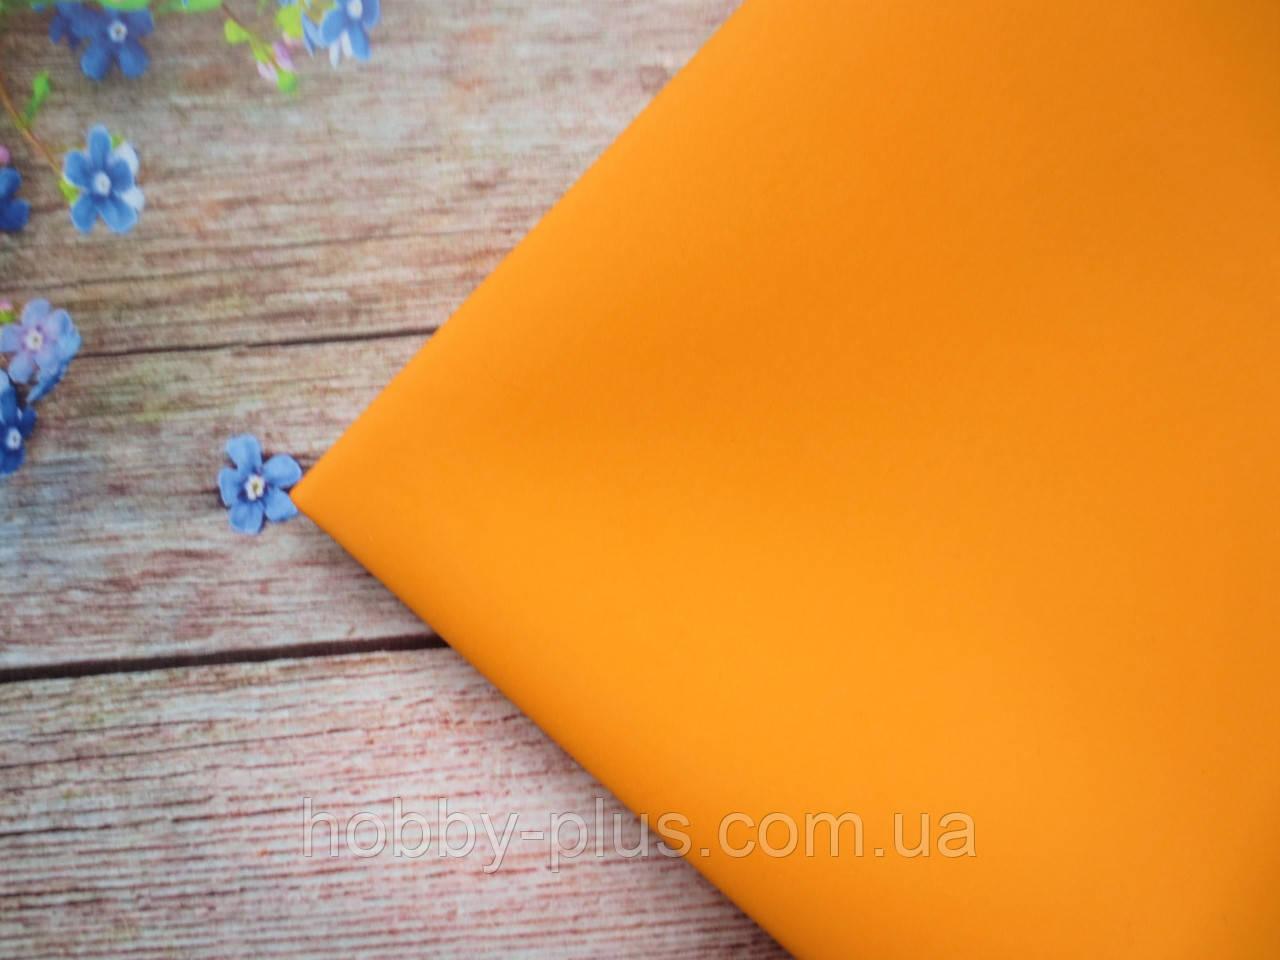 Фоамиран 1 мм, 50х50 см, цвет светло-оранжевый